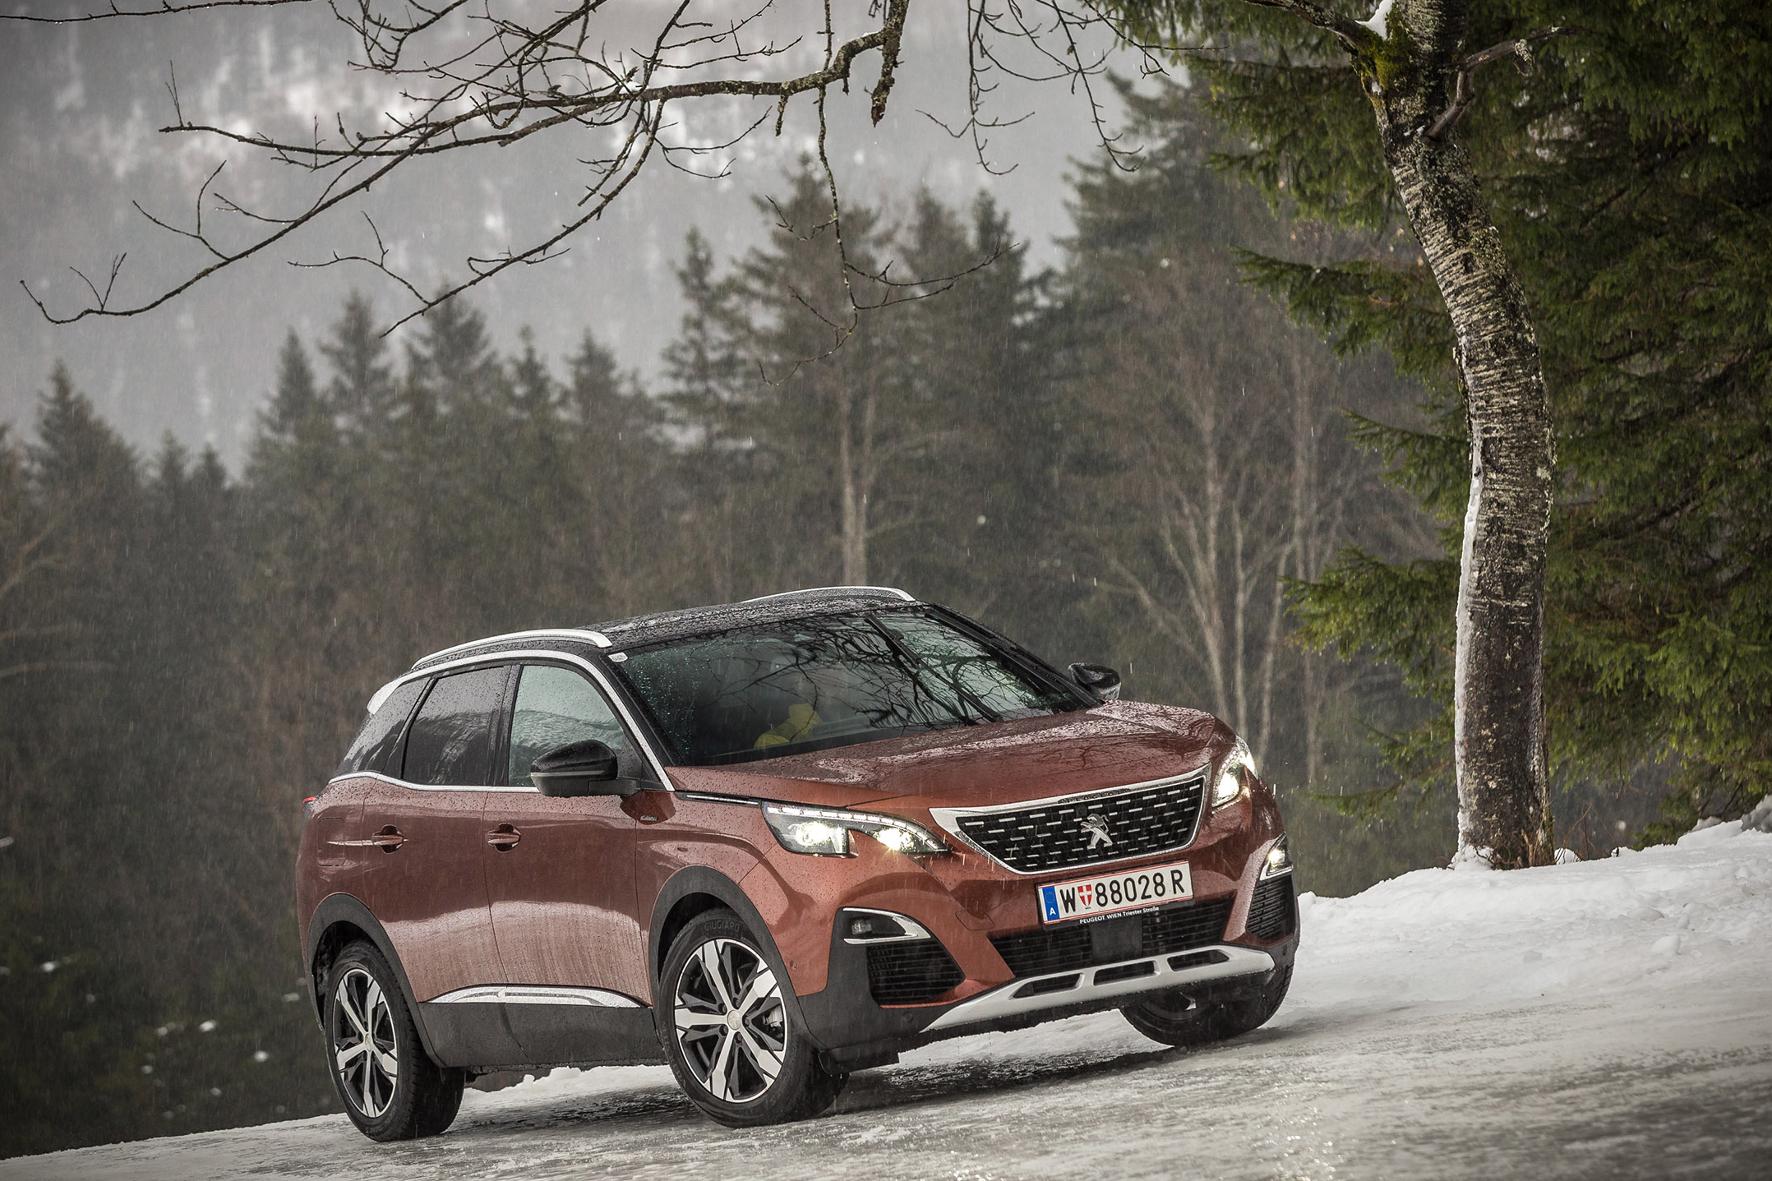 mid Hintersee - Ein SUV ohne zumindest optionalen Allradantrieb? Das funktioniert, denkt sich Peugeot und setzt beim neuen frontangetriebenen 3008 auf eine Zwischenlösung.